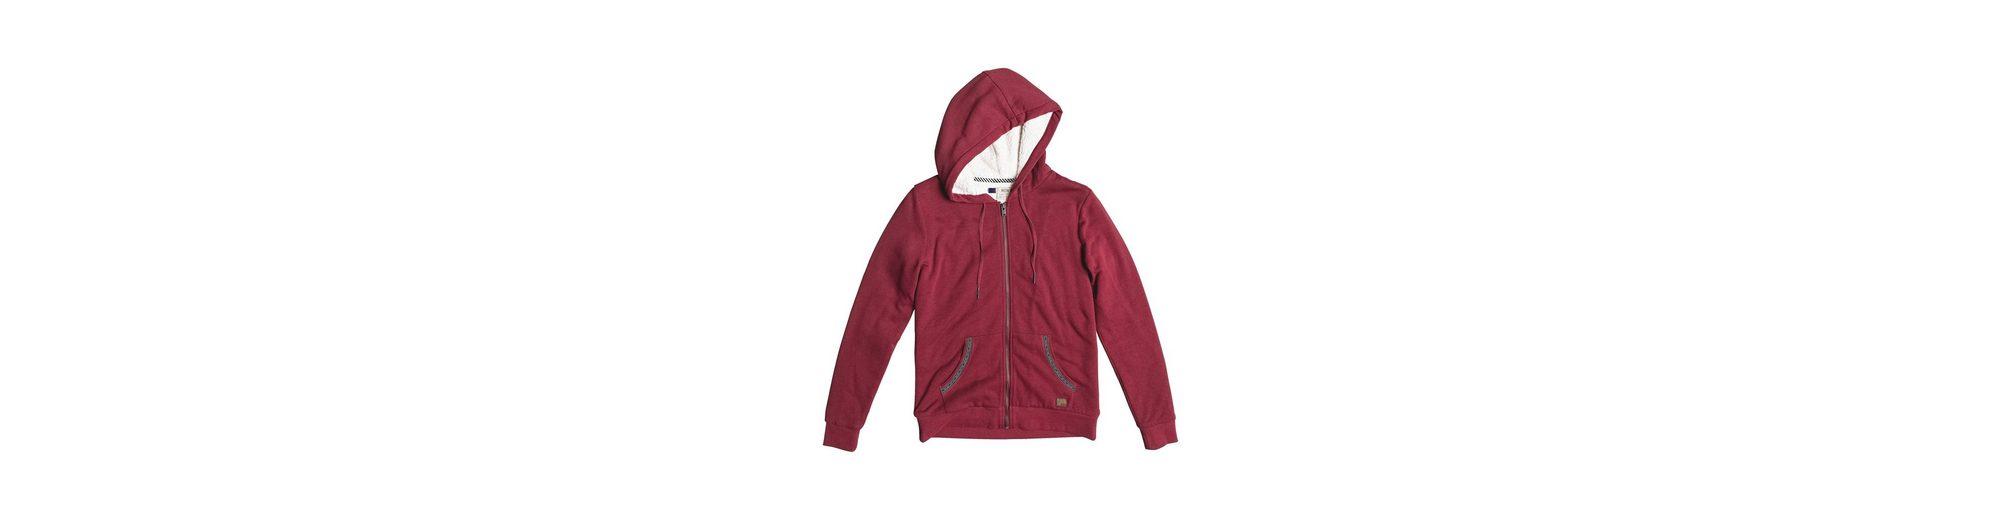 Eastbay Günstigen Preis Roxy Kapuzenpulli mit Reißverschluss Trippin Sherpa Verkauf Besuch Dw6JVGsZAq